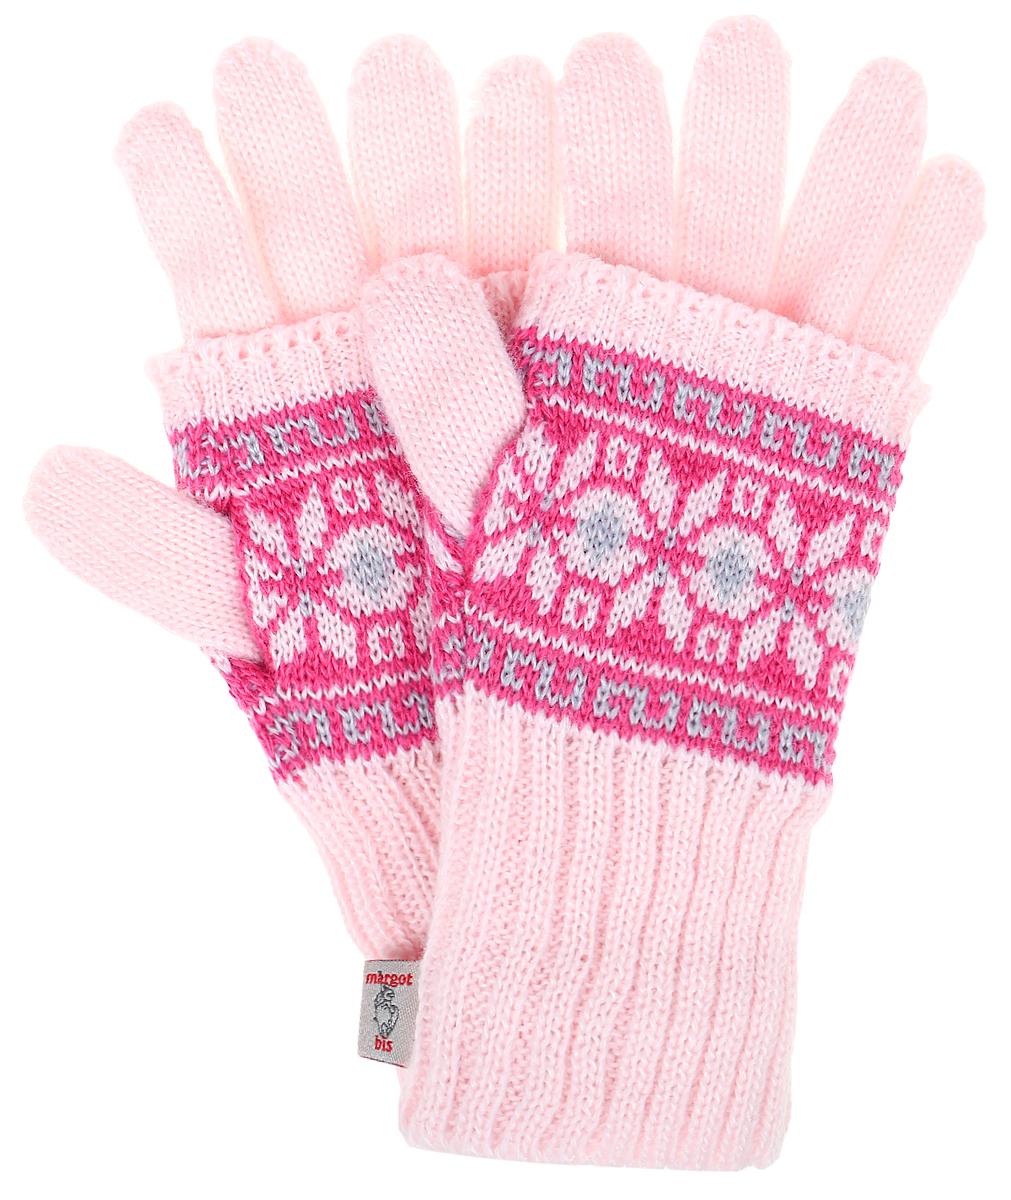 Alina-22Теплые детские перчатки 2 в 1 Margot Bis выполнены из высококачественного акрила и оформлены оригинальным принтом в виде орнамента. Модель состоит из митенок и перчаток, которые можно носить как вместе, так и по раздельности. Митенки имеют отверстие для большого пальца. Перчатки очень мягкие и приятные на ощупь, не раздражают нежную кожу ребенка, хорошо сохраняют тепло. Верх модели на мягкой резинке, которая не стягивает запястья и надежно фиксирует перчатки на руках ребенка.